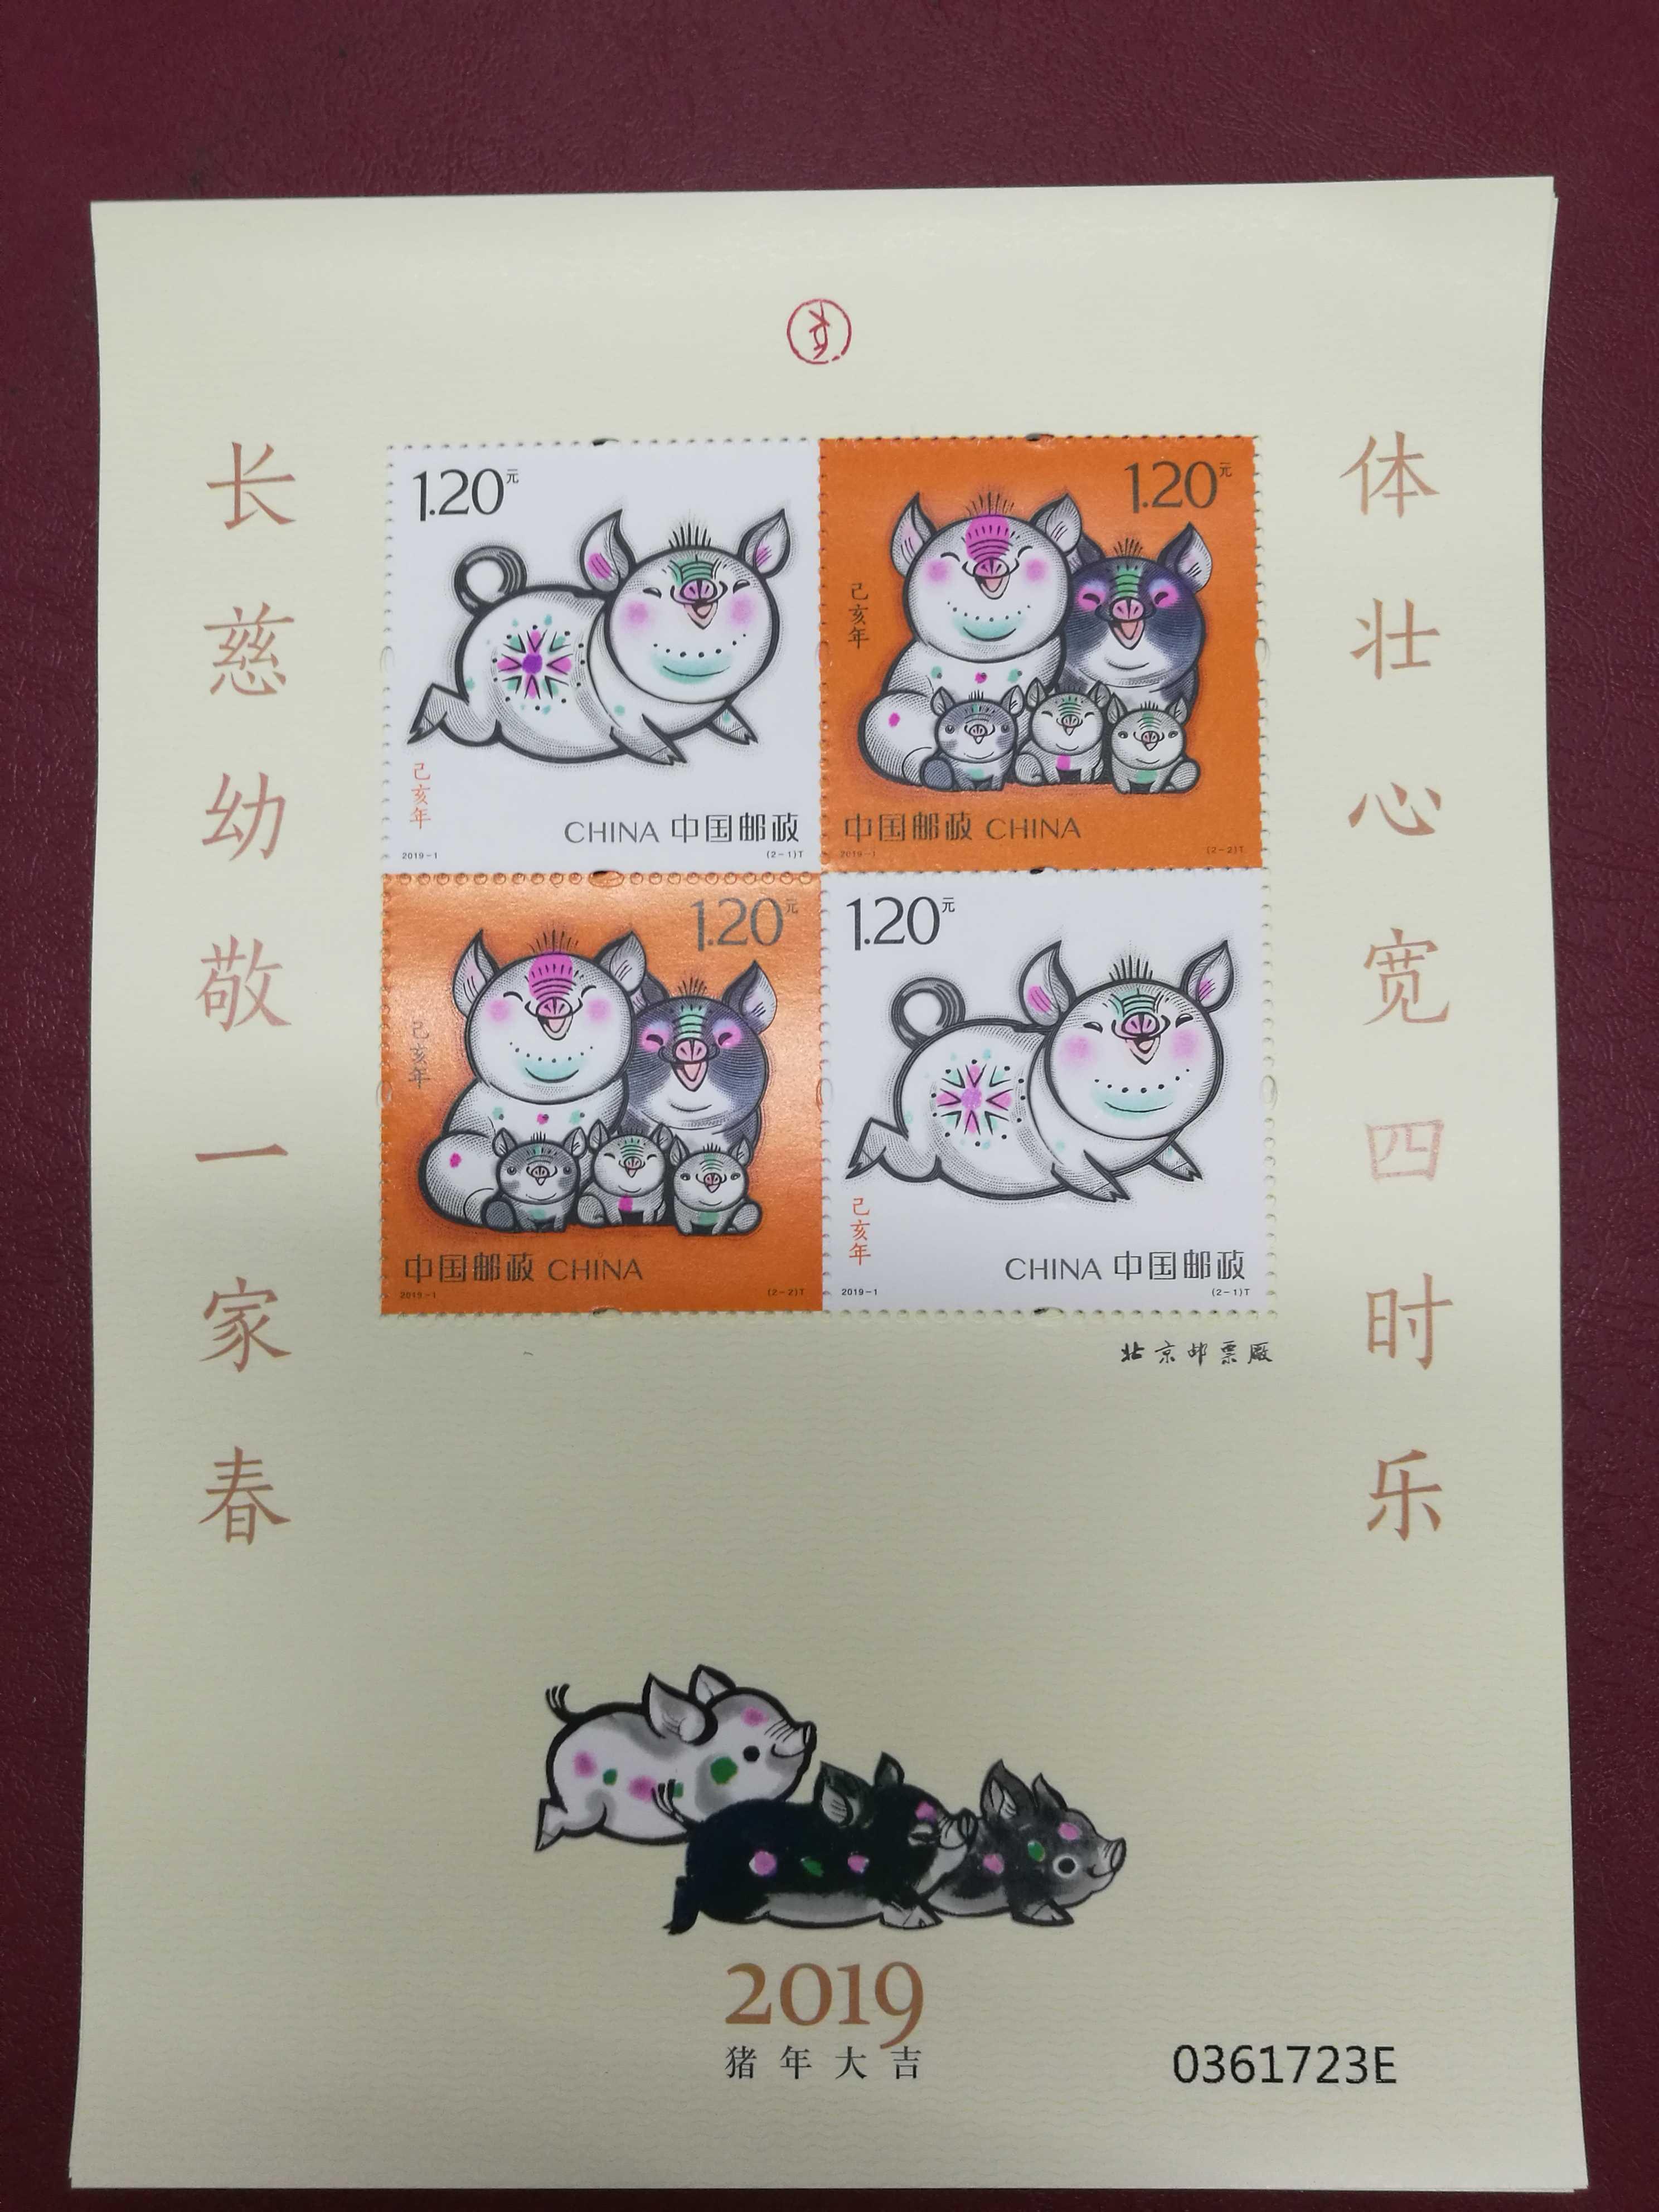 2019一1己亥年猪年邮票生肖第生肖四轮猪赠送版黄猪小版猪赠送版